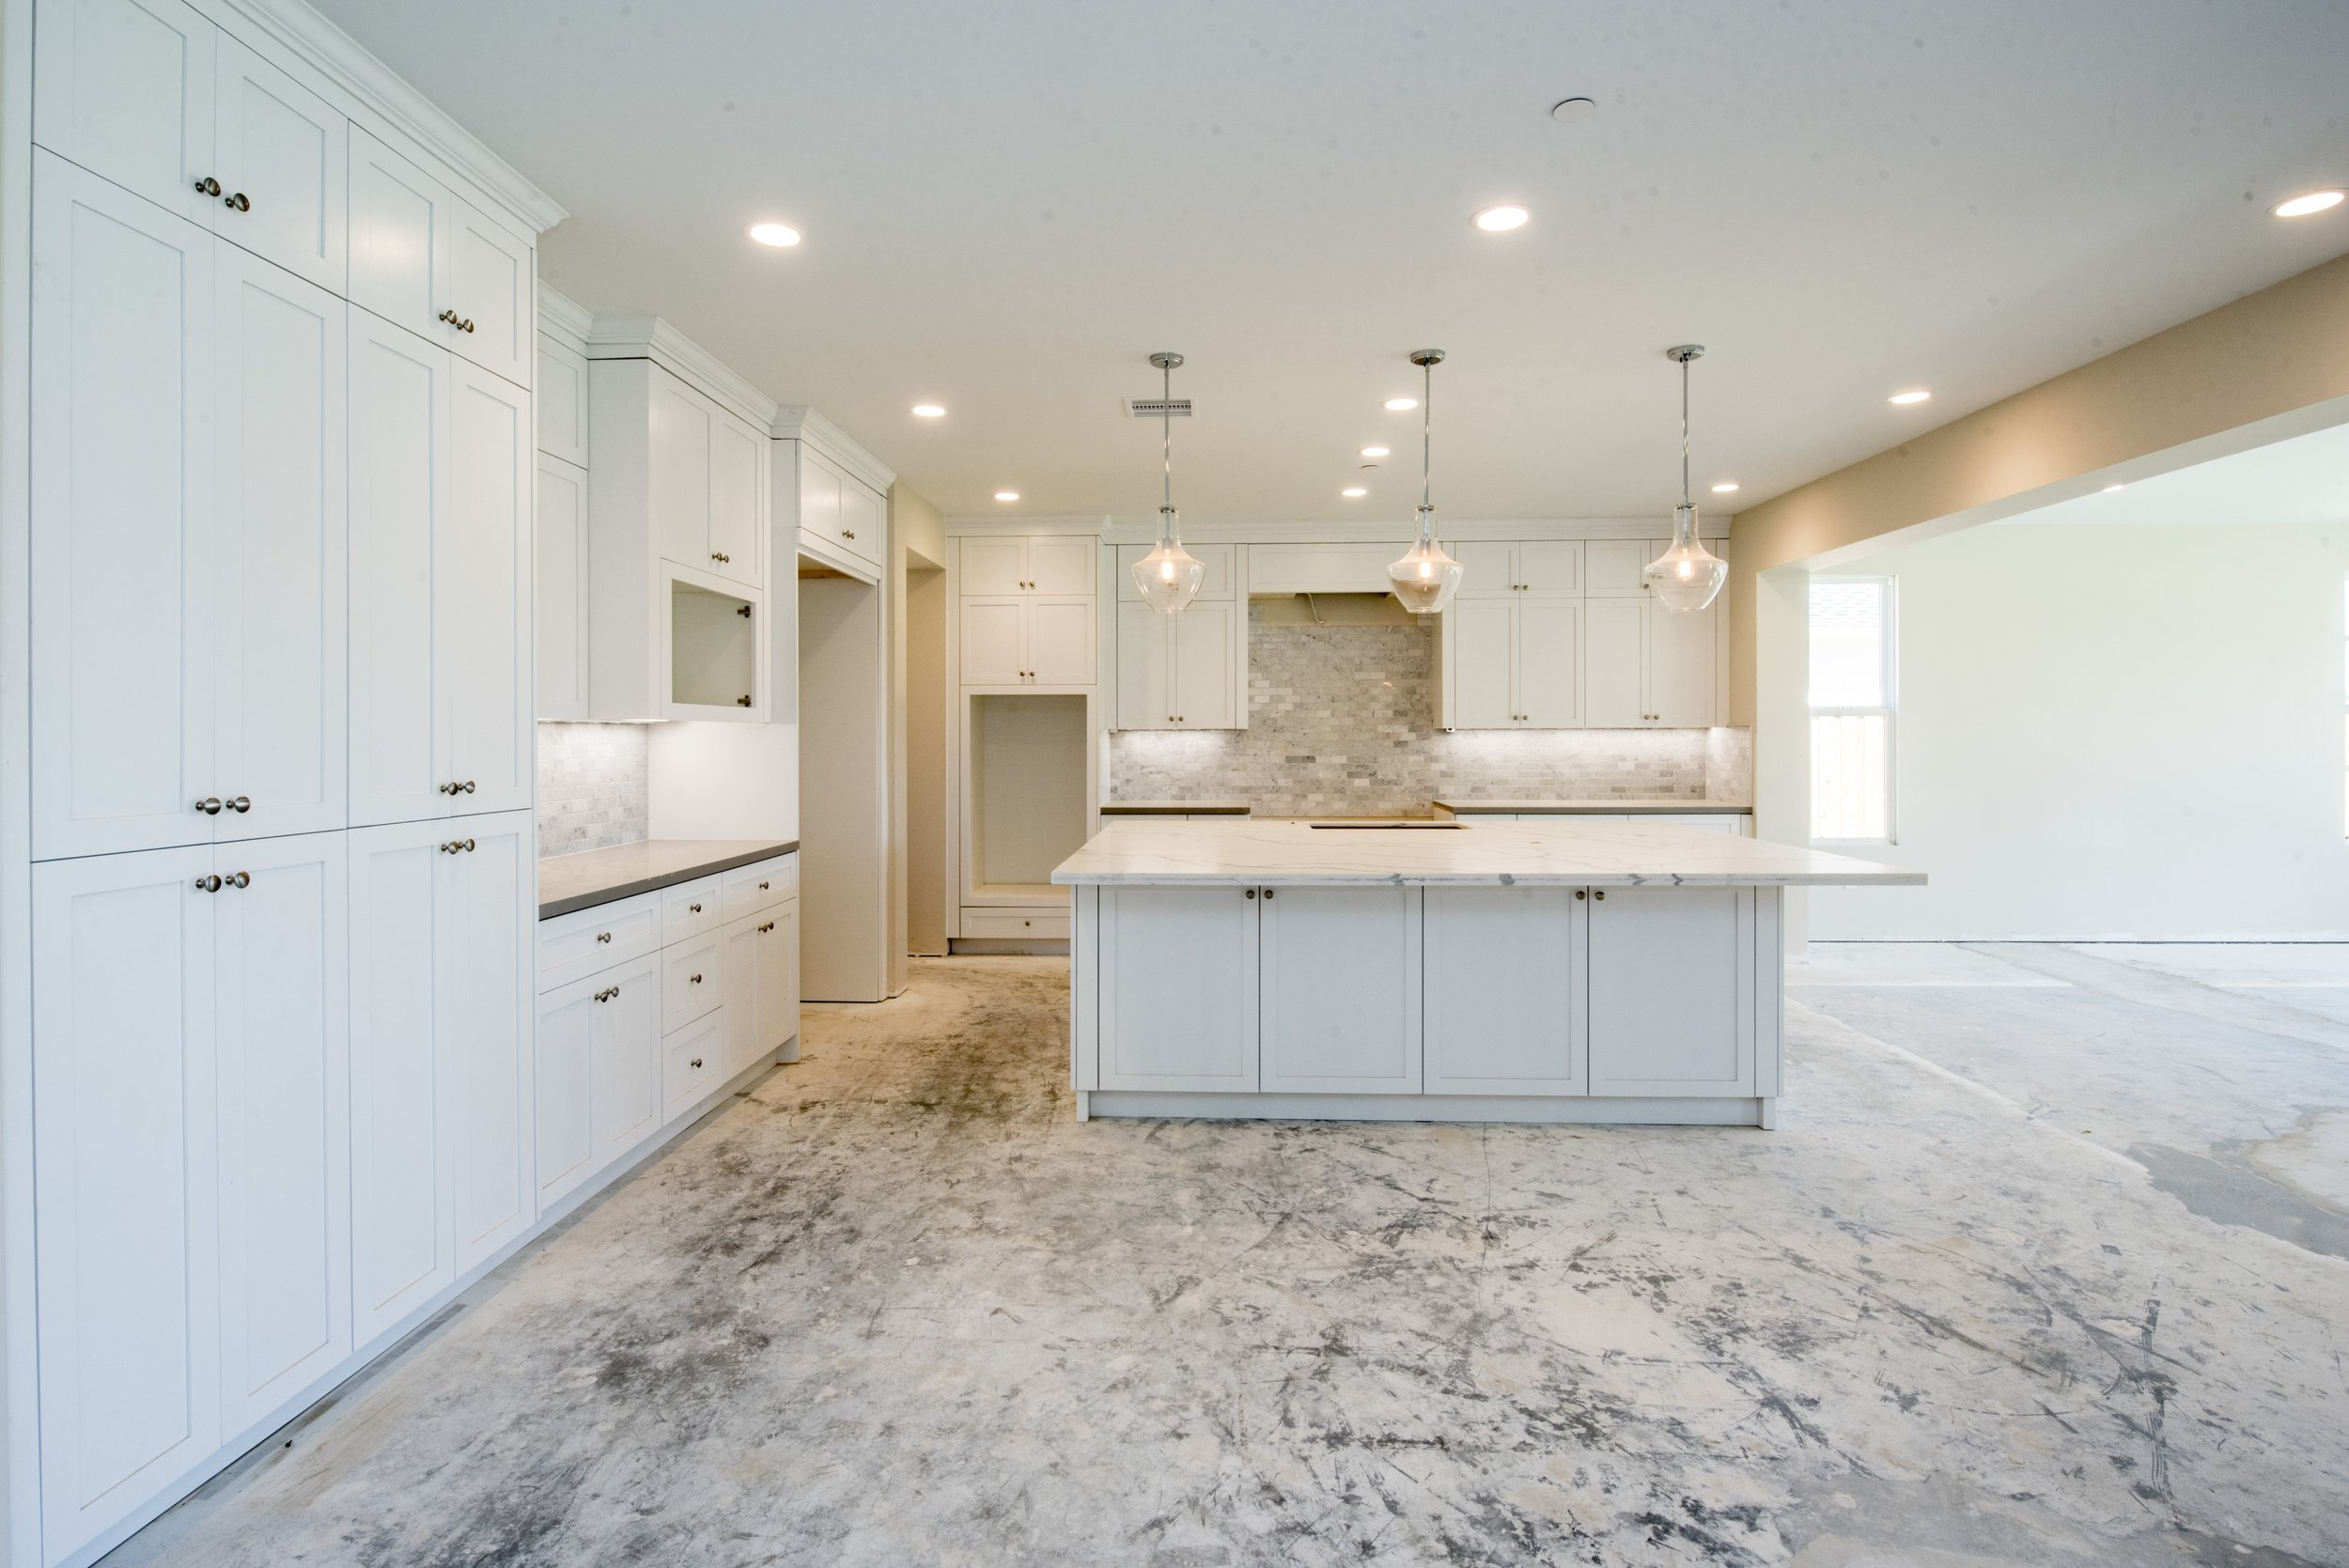 272_Kitchen_New_DSC_4329.jpg